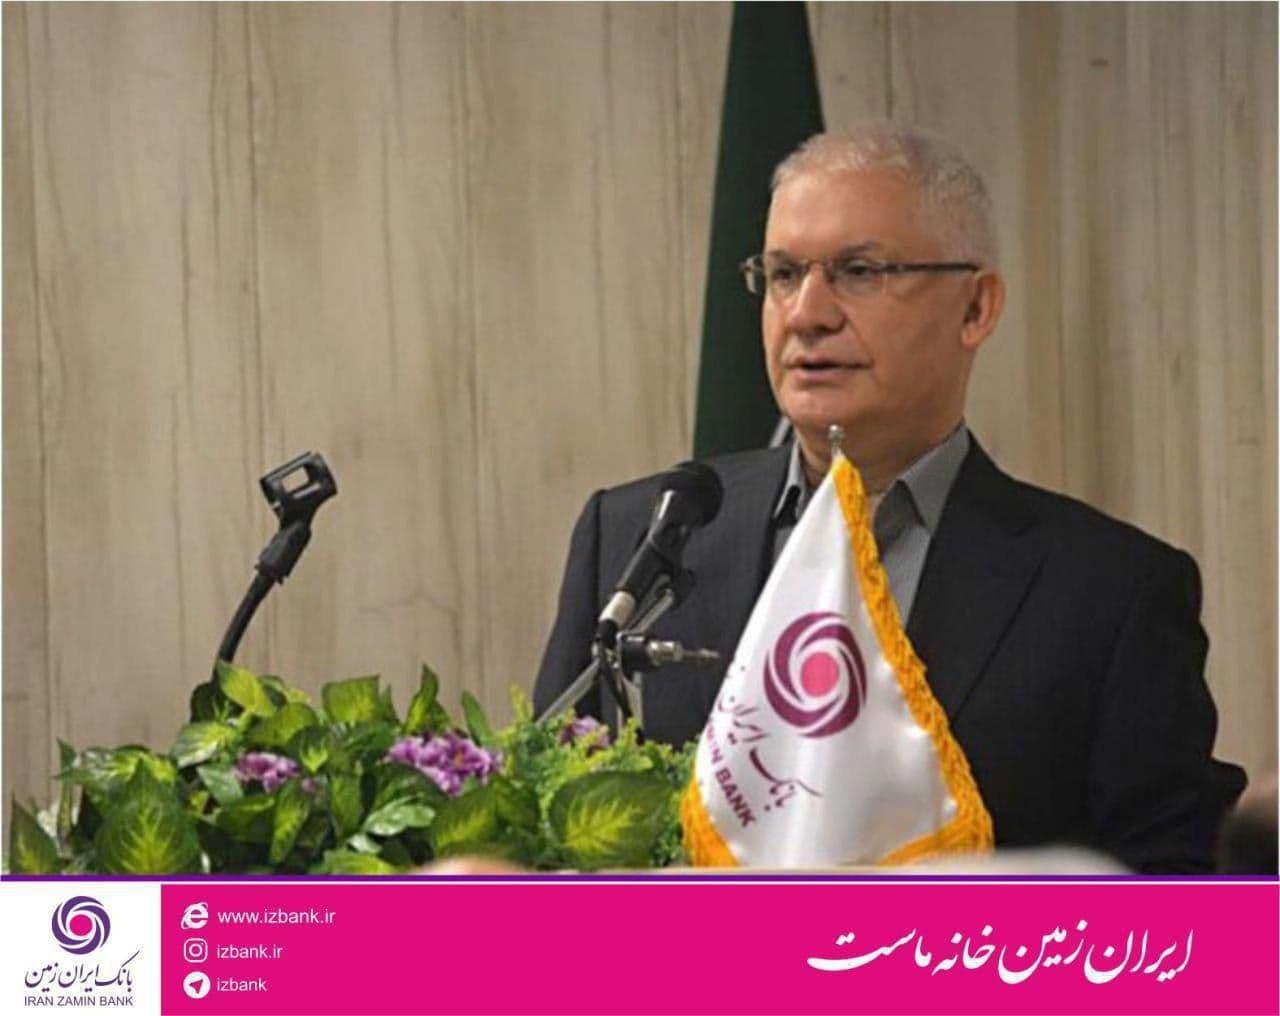 پیام مدیرعامل بانک ایران زمین به مناسبت روز پرستار